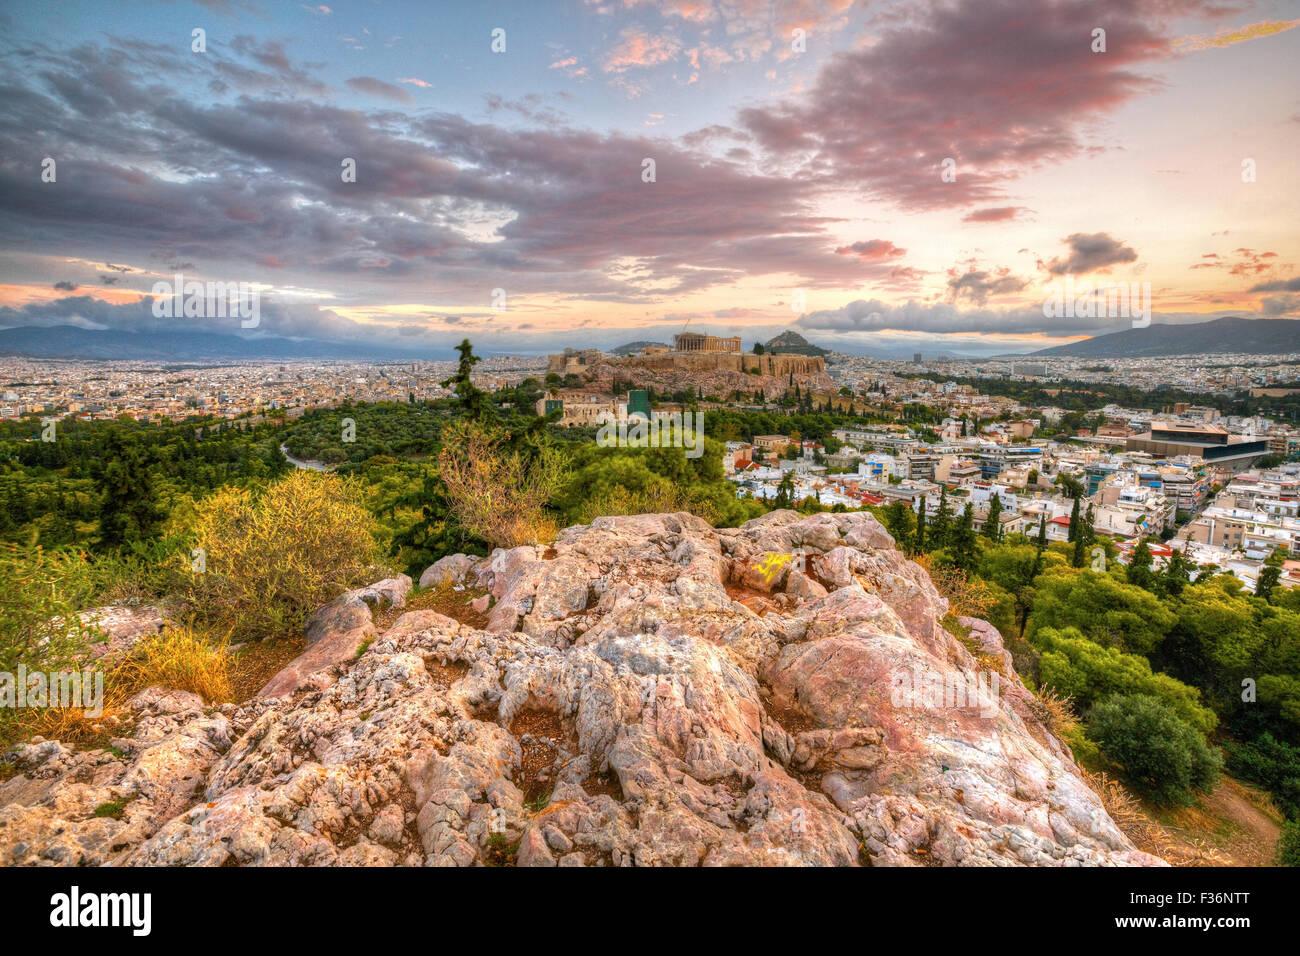 Vue de l'acropole de matin colline Filopappou dans le centre d'Athènes. Image HDR. Photo Stock